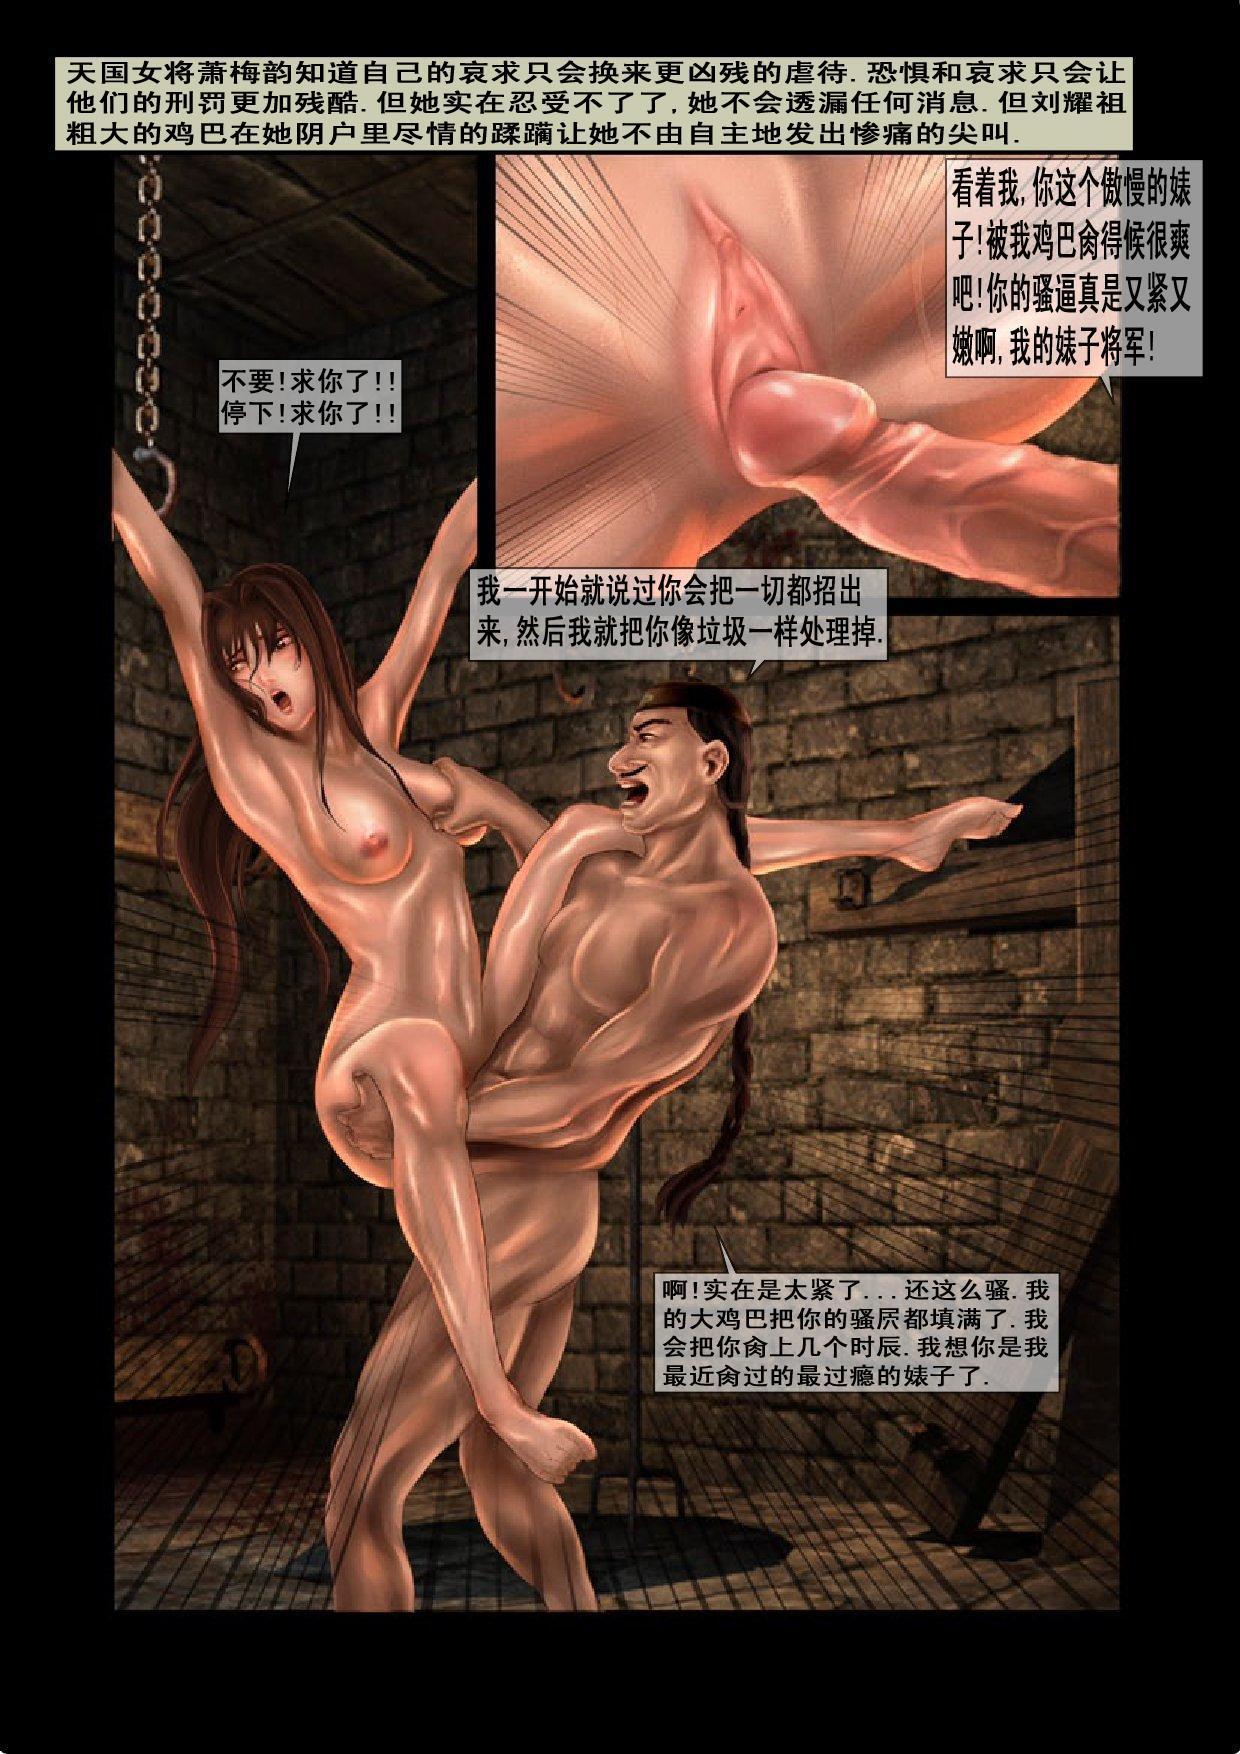 中国军阀的性奴1 17